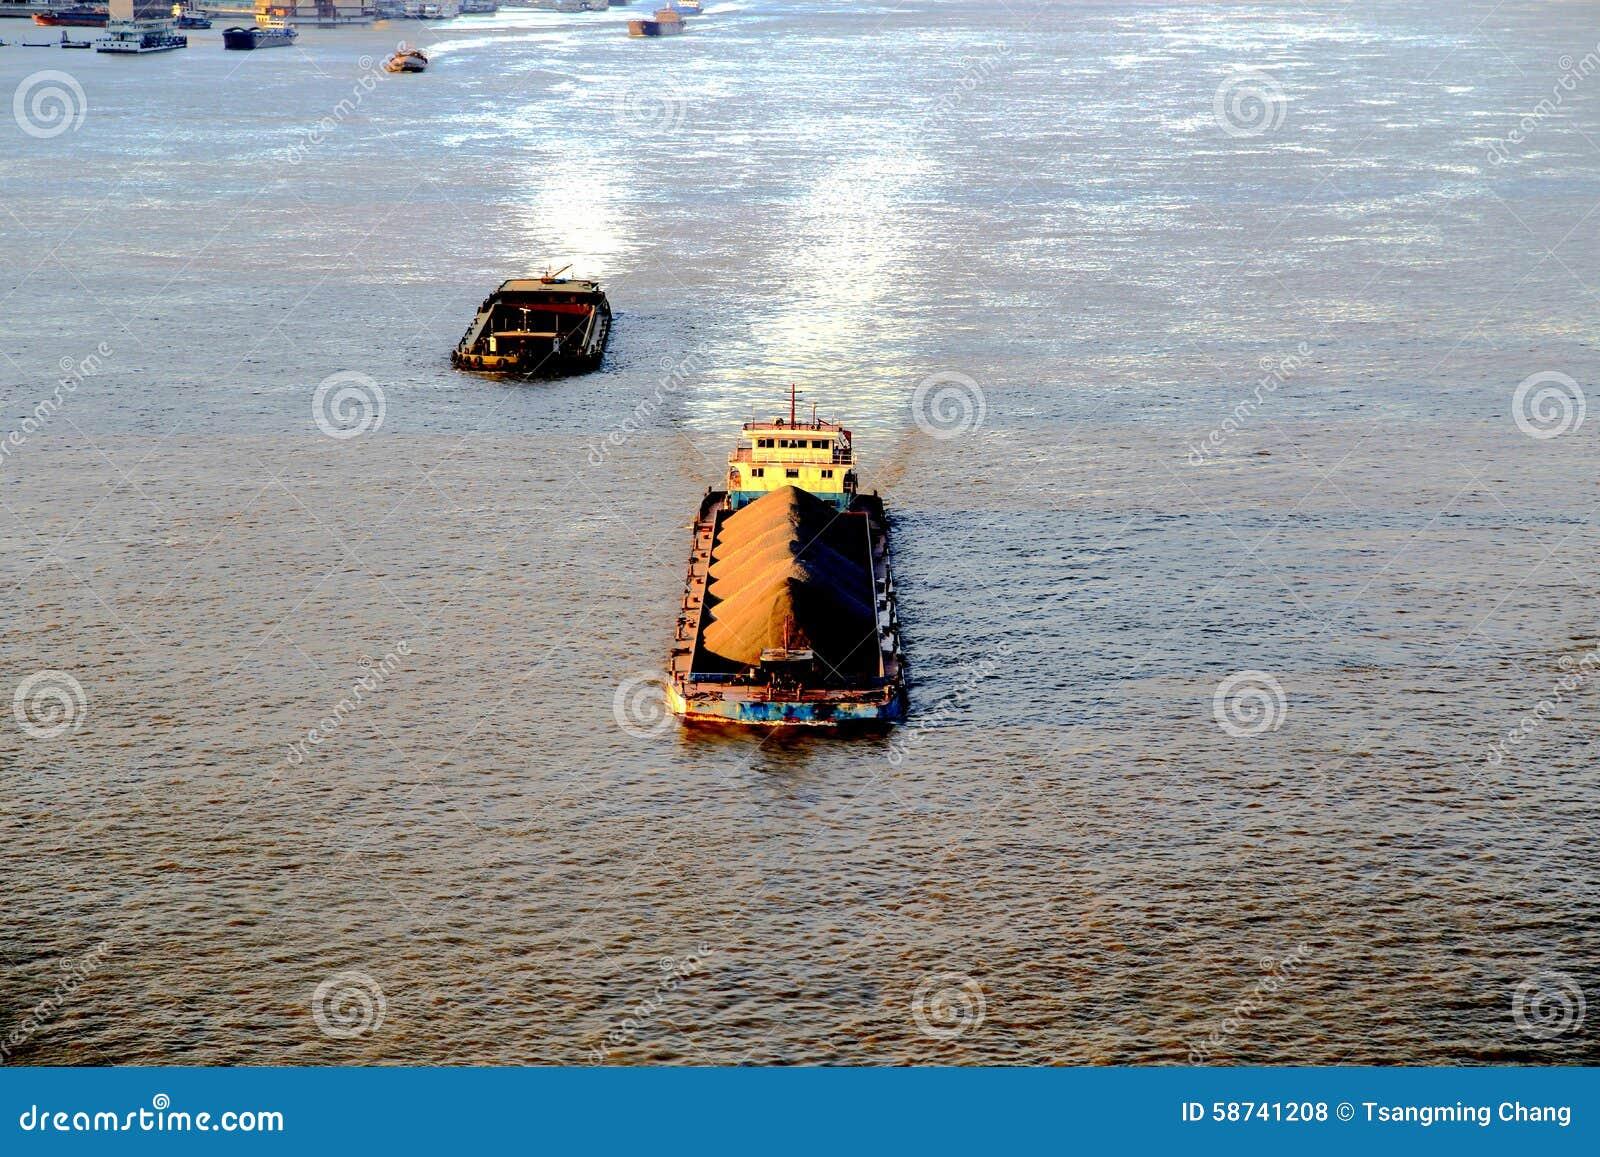 The Yangtze river in Wuhan city